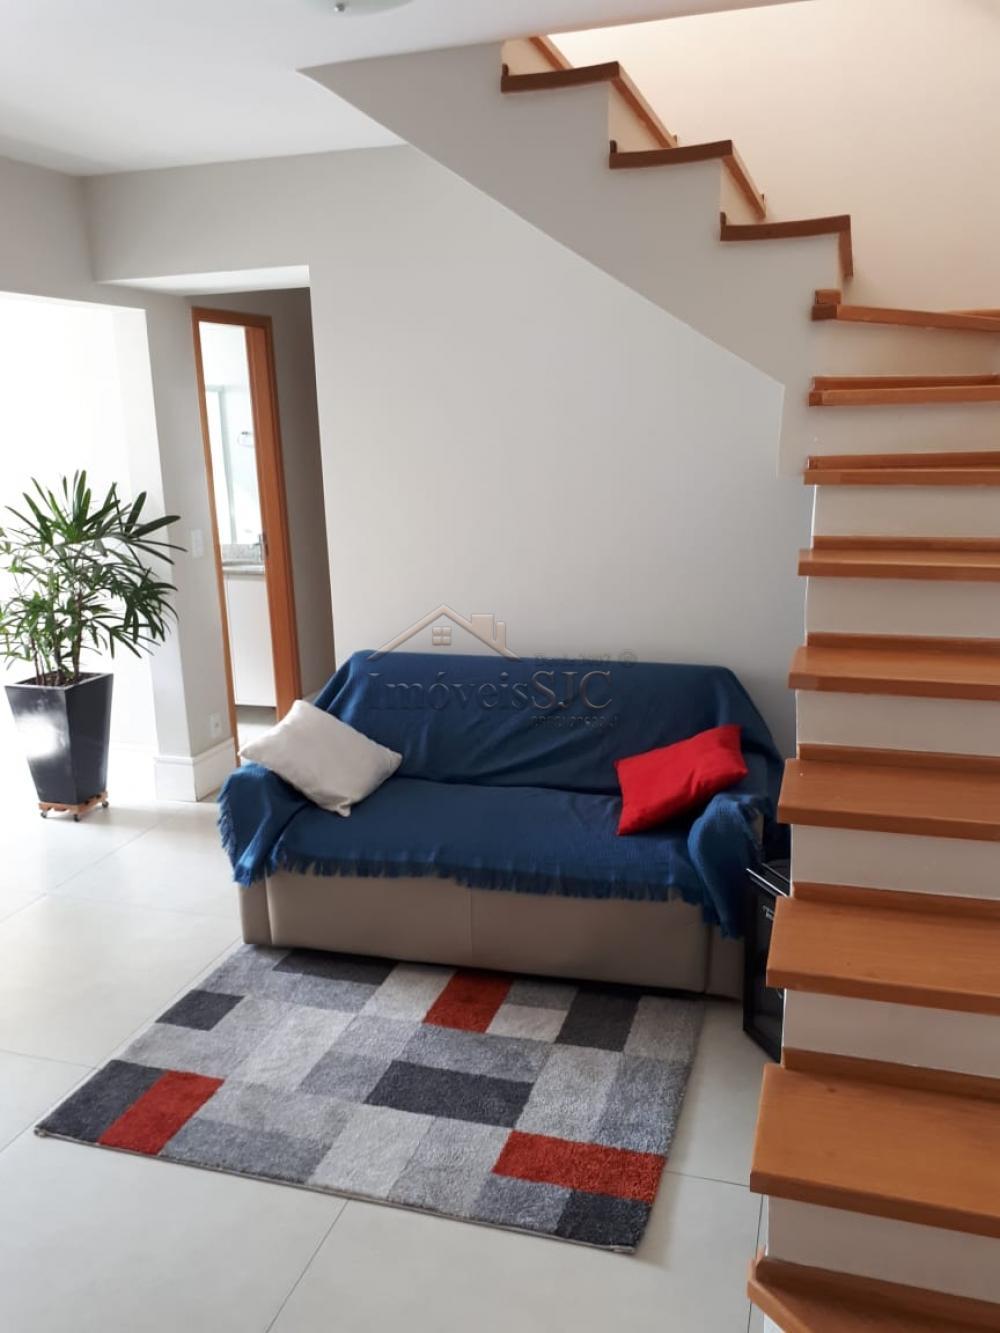 Alugar Apartamentos / Cobertura em São José dos Campos apenas R$ 3.500,00 - Foto 5